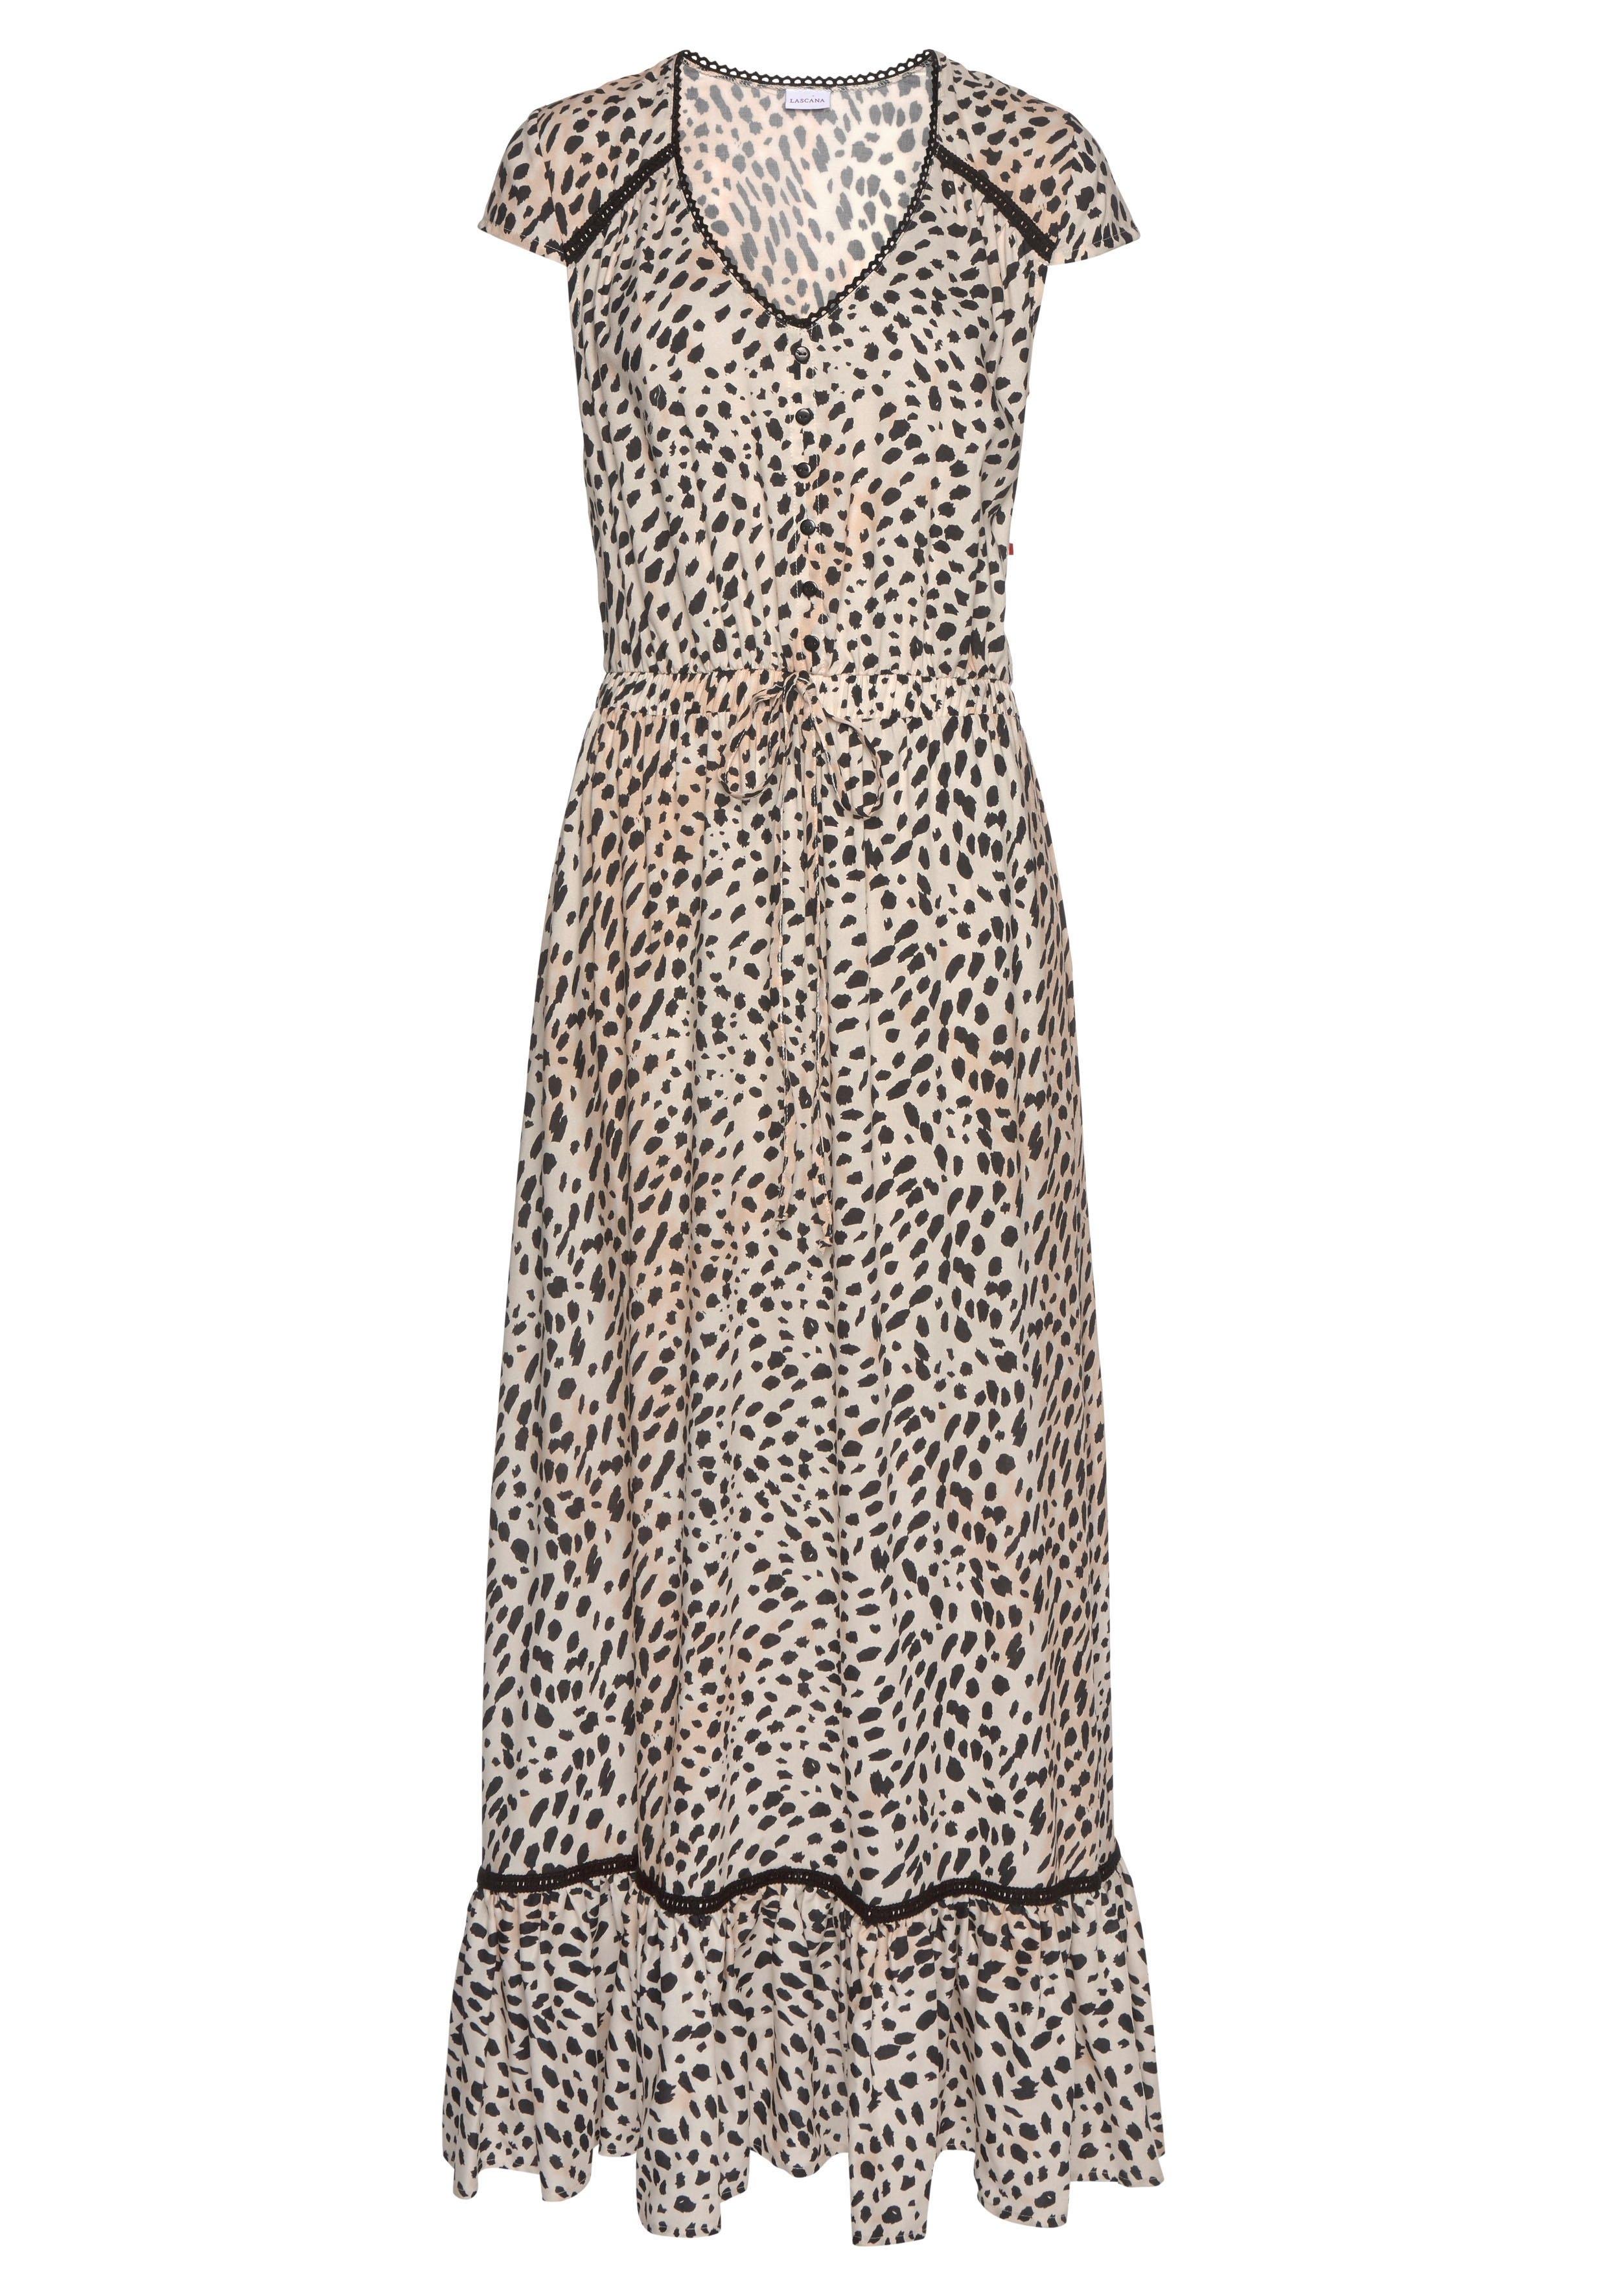 Lascana maxi-jurk met dierenprint nu online kopen bij Lascana